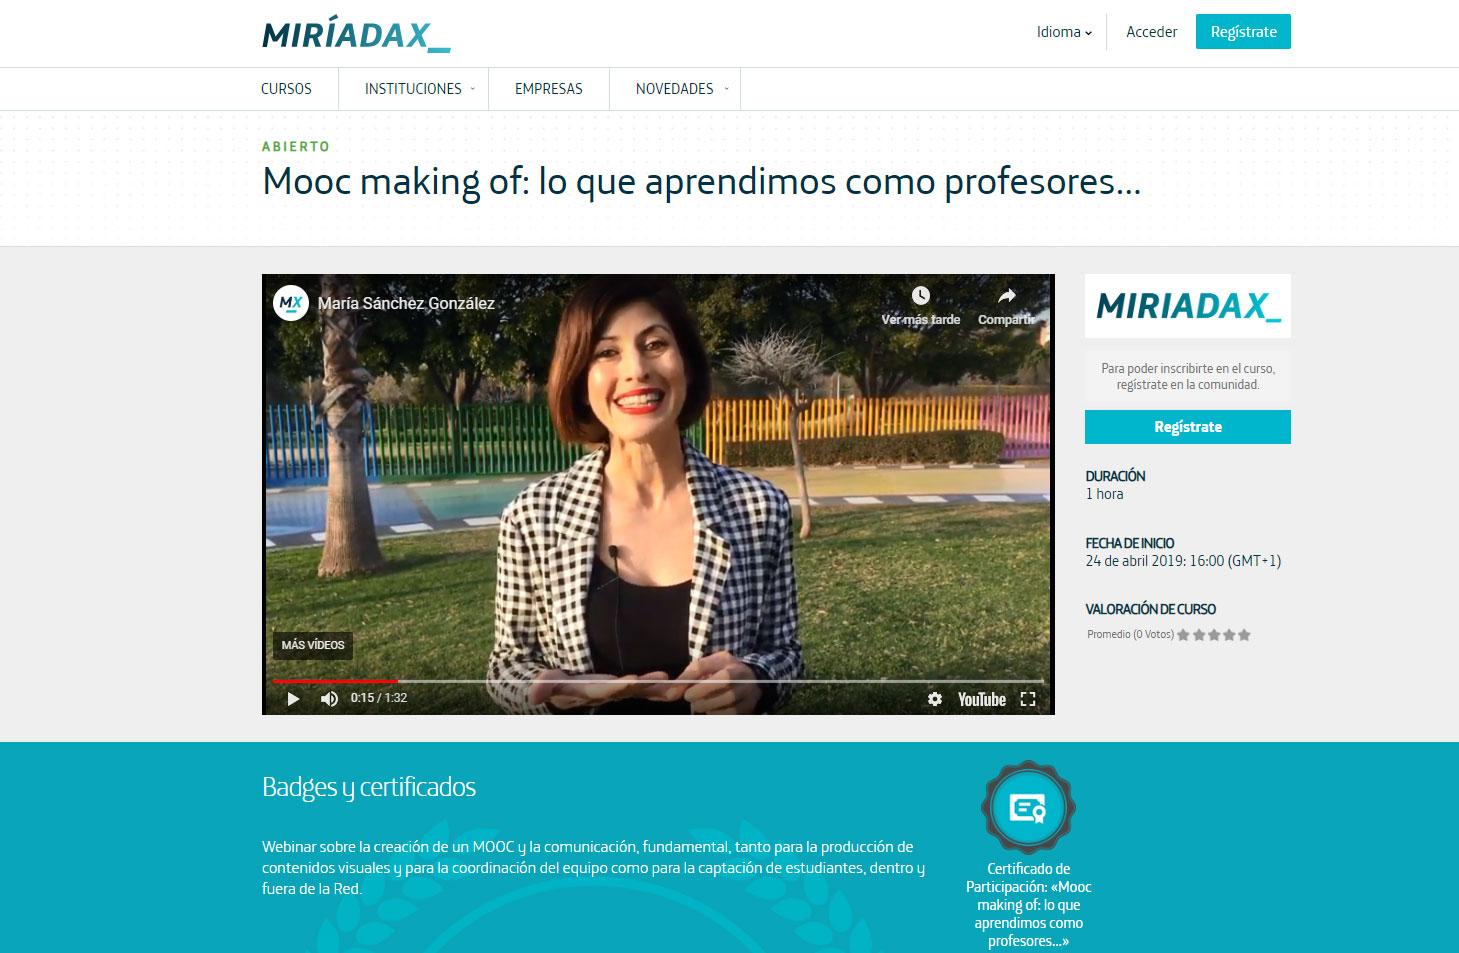 Webinar gratuito para Miriadax sobre la experiencia del #MOOCecompetentes, el 24 de abril: ¿te apuntas?